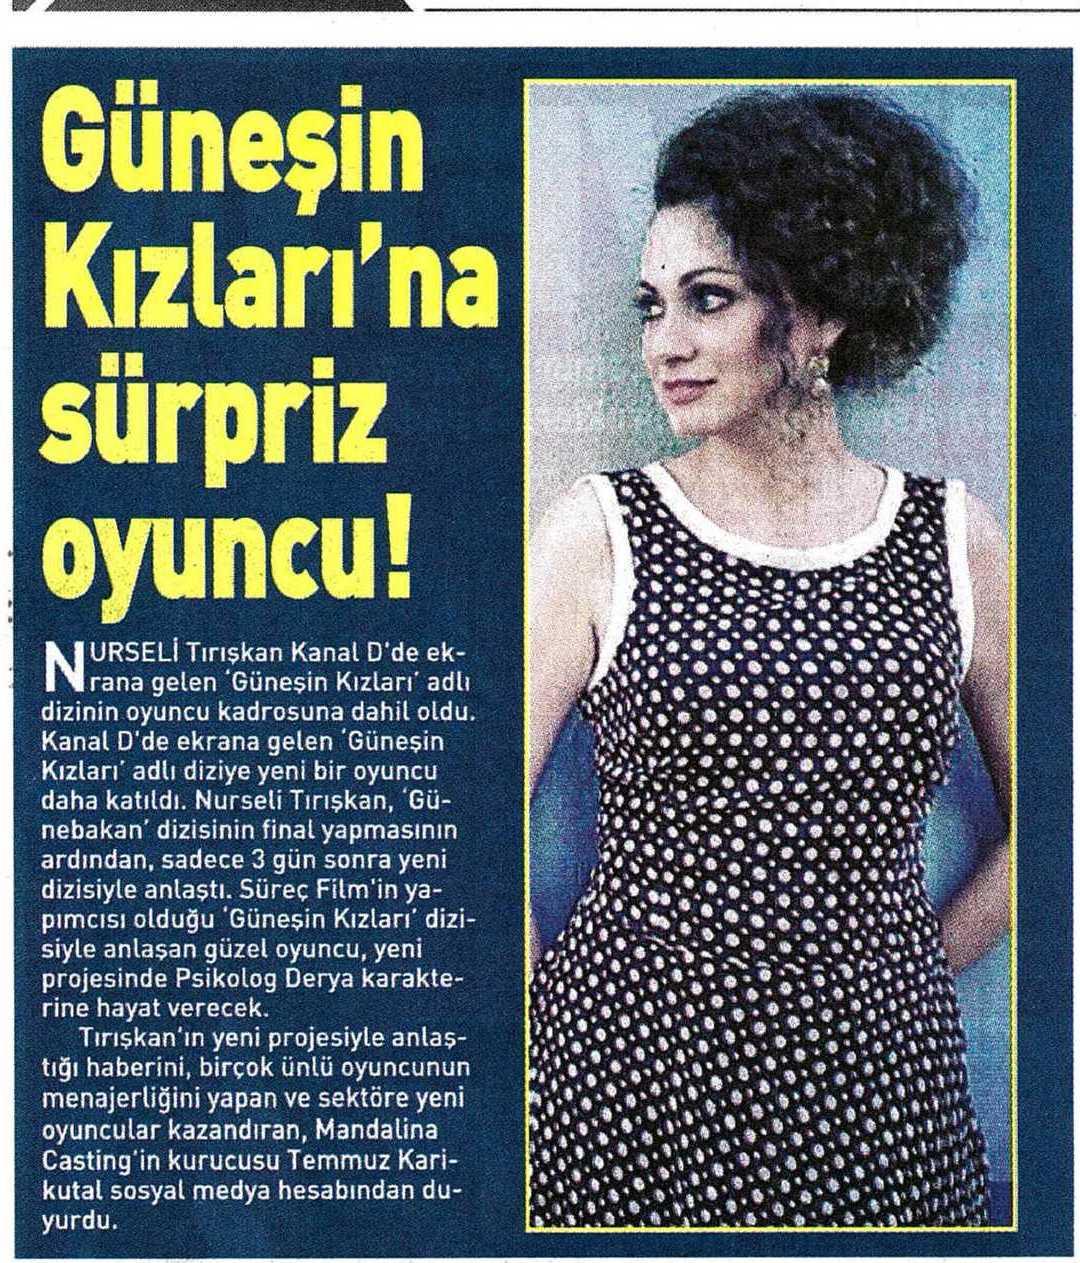 Nurseli Tırışkan - Trabzon Türk Sesi Gazetesi Haberi